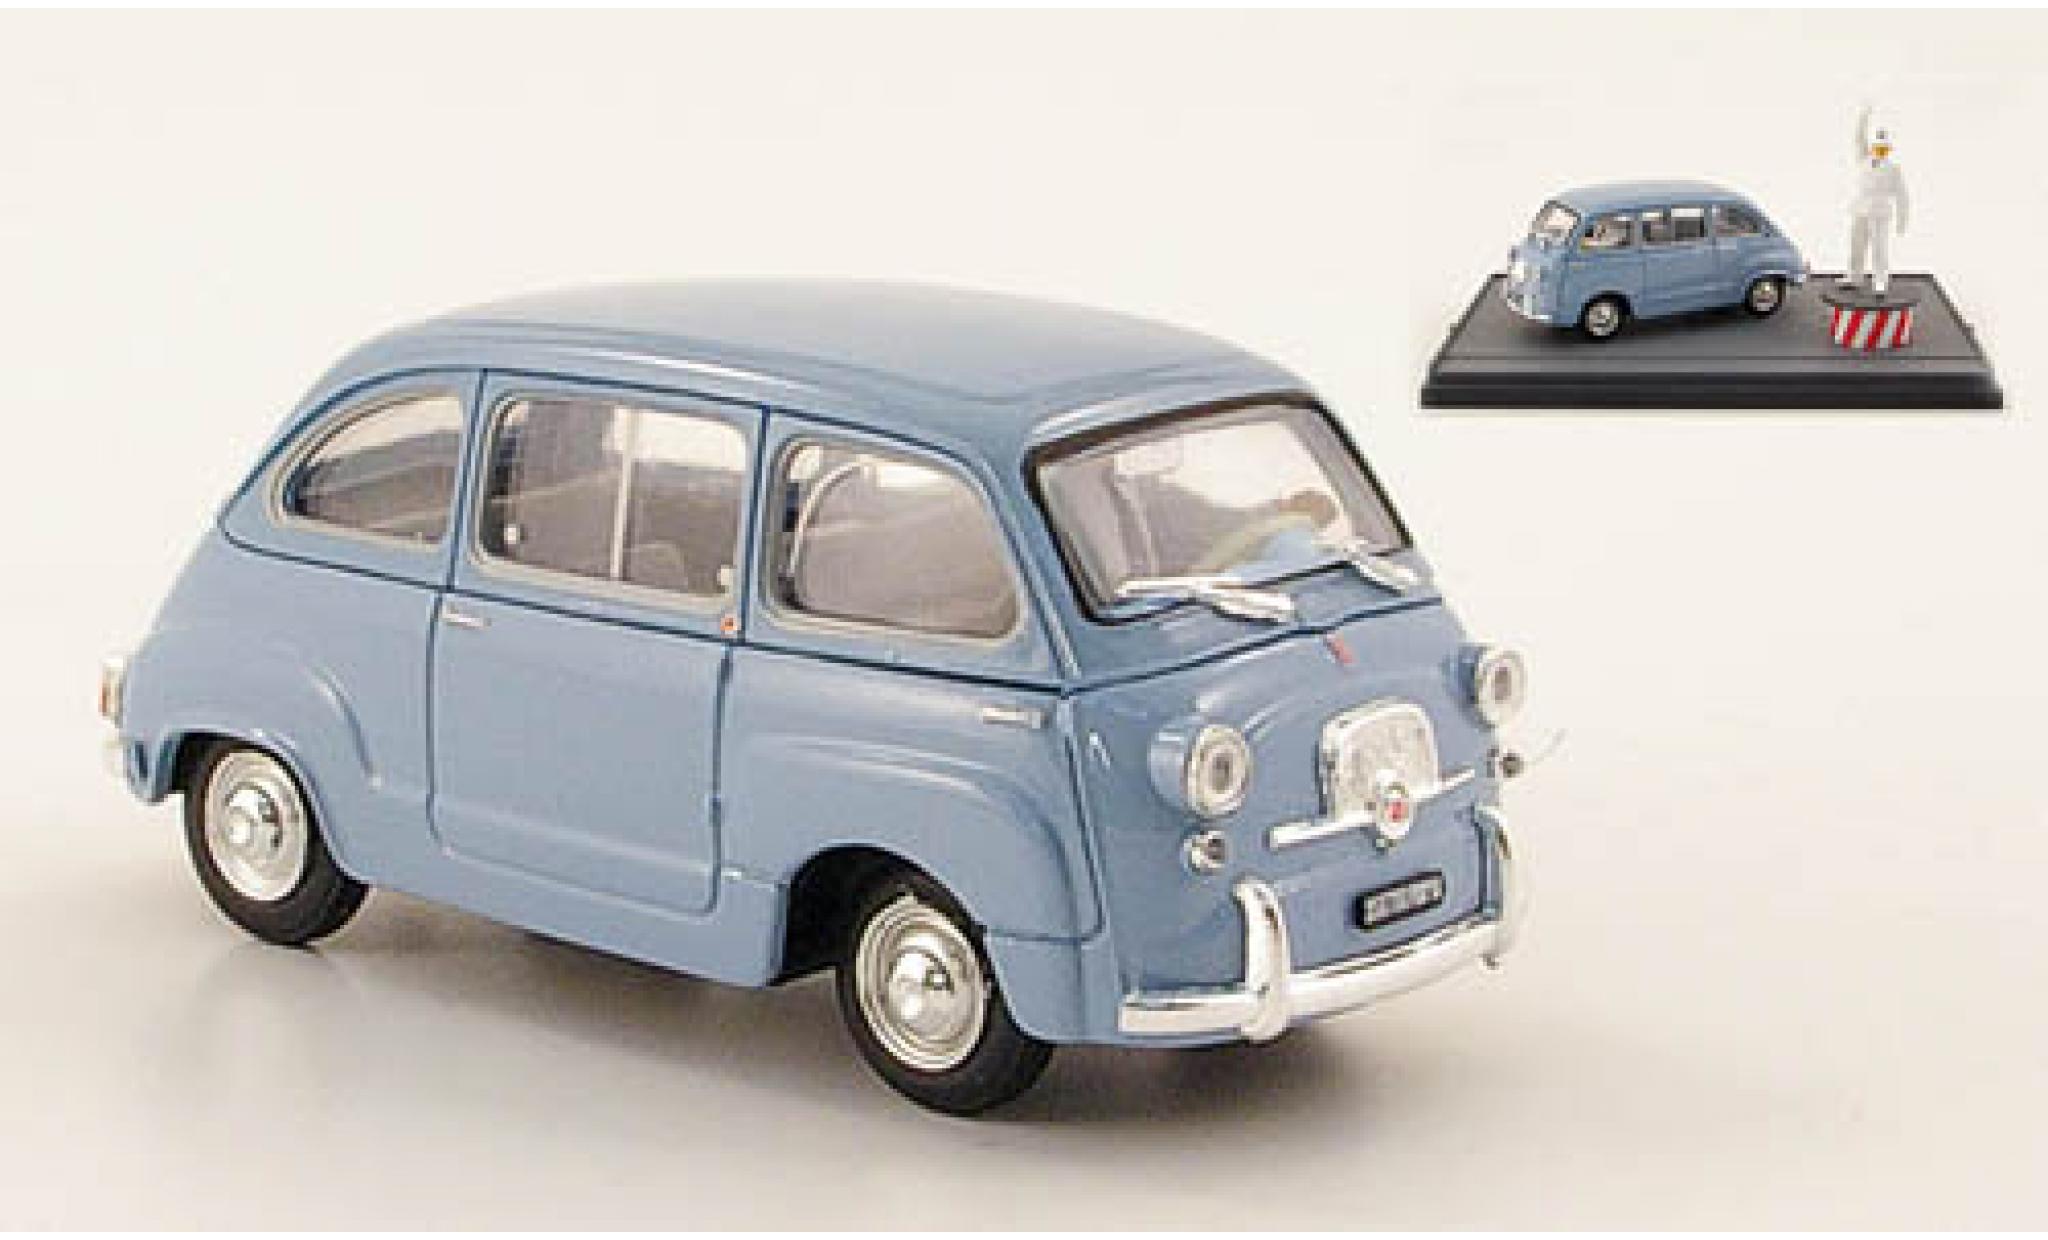 Fiat 600 1/43 Brumm D Multipla bleue 1960 Straßenszene Rom avec figurines